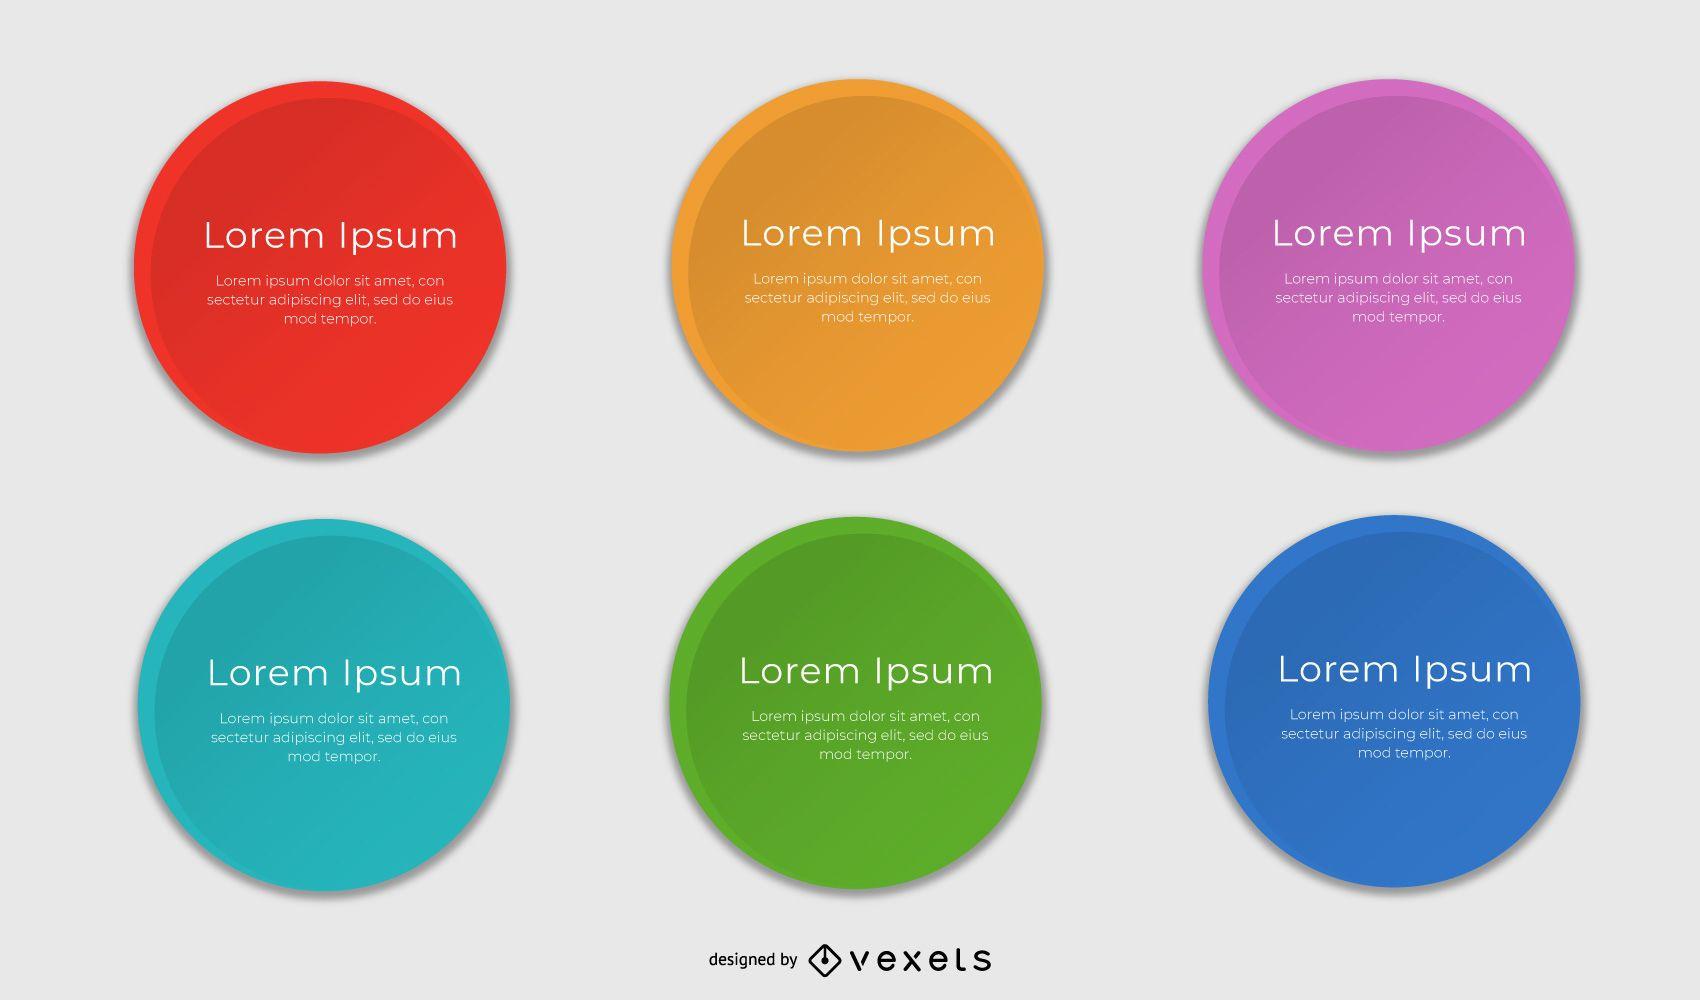 Cuadros de texto redondeados multicolores